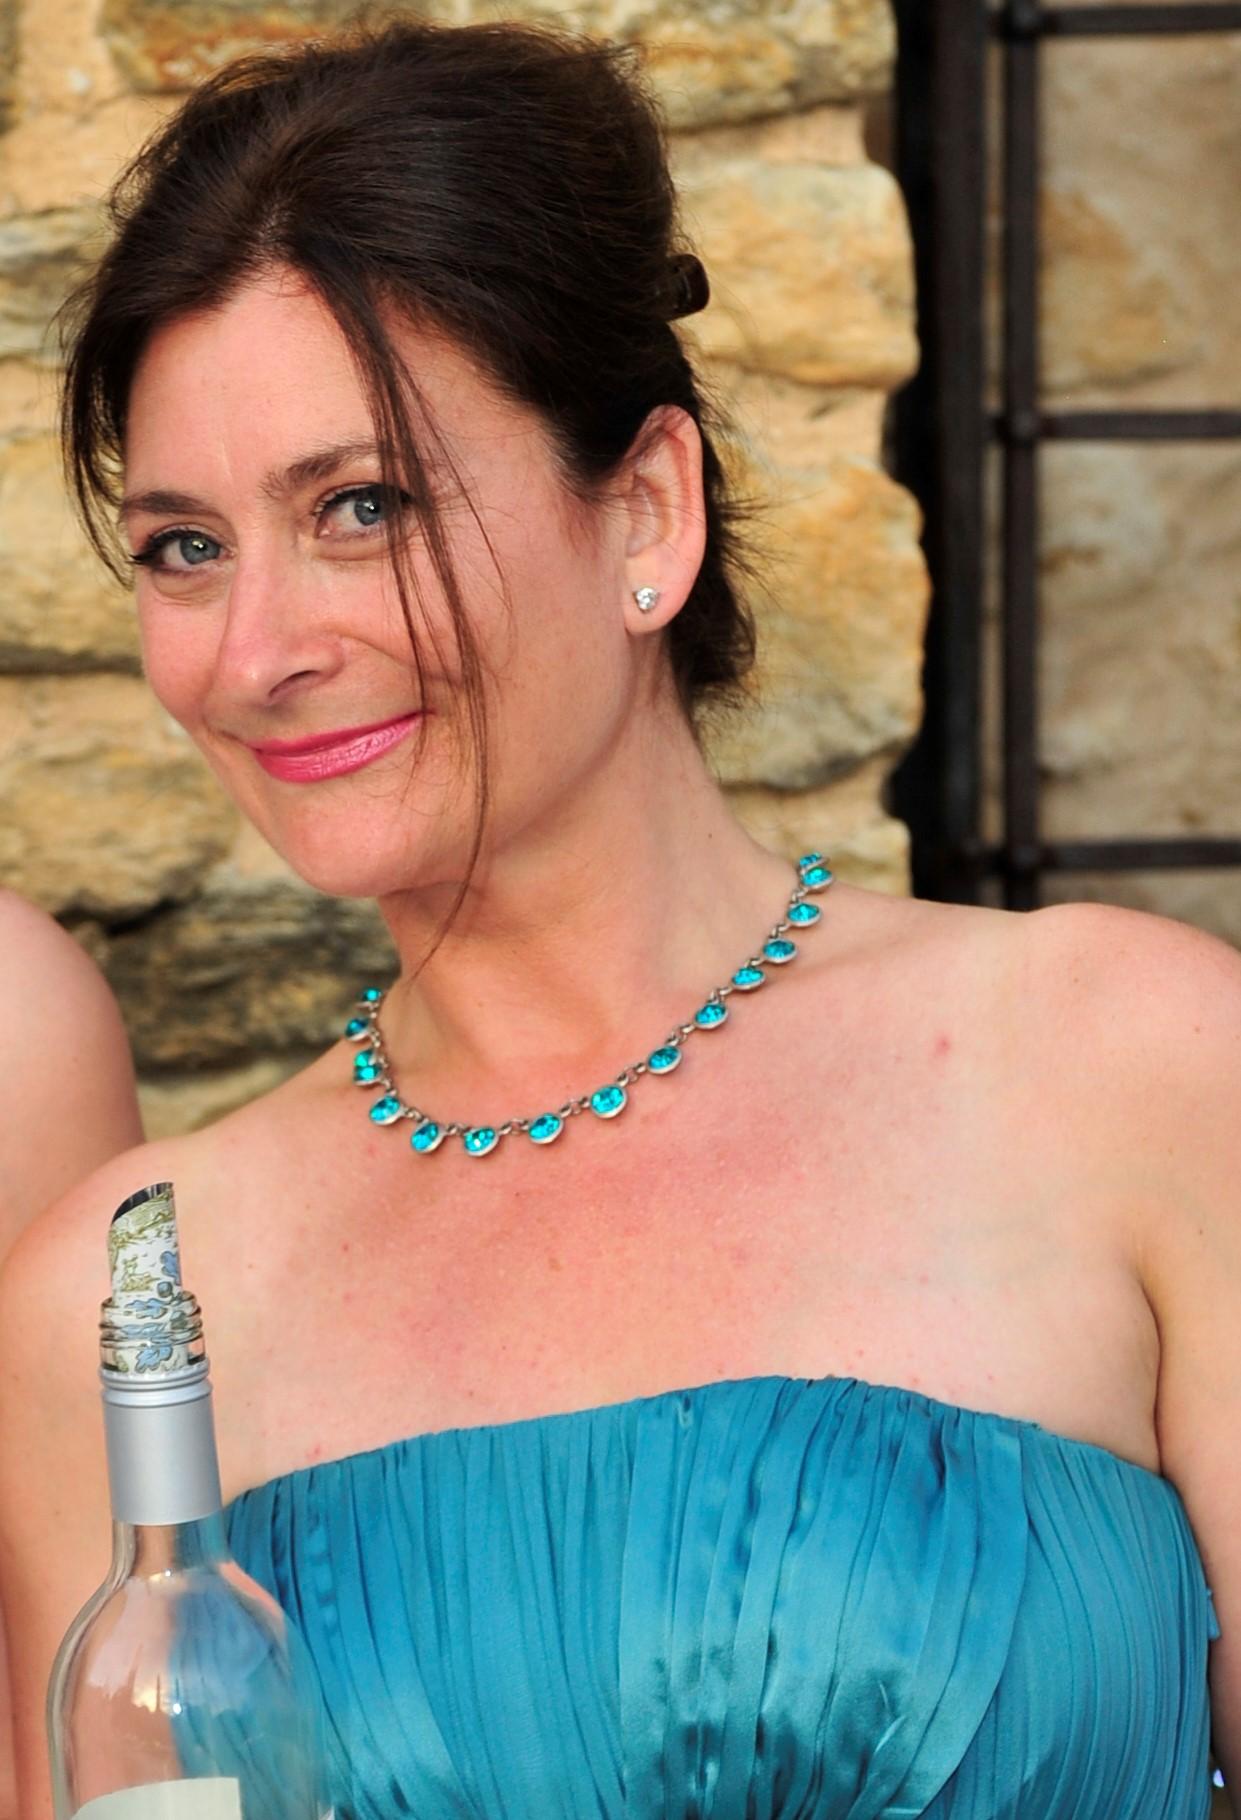 Karen Glennon